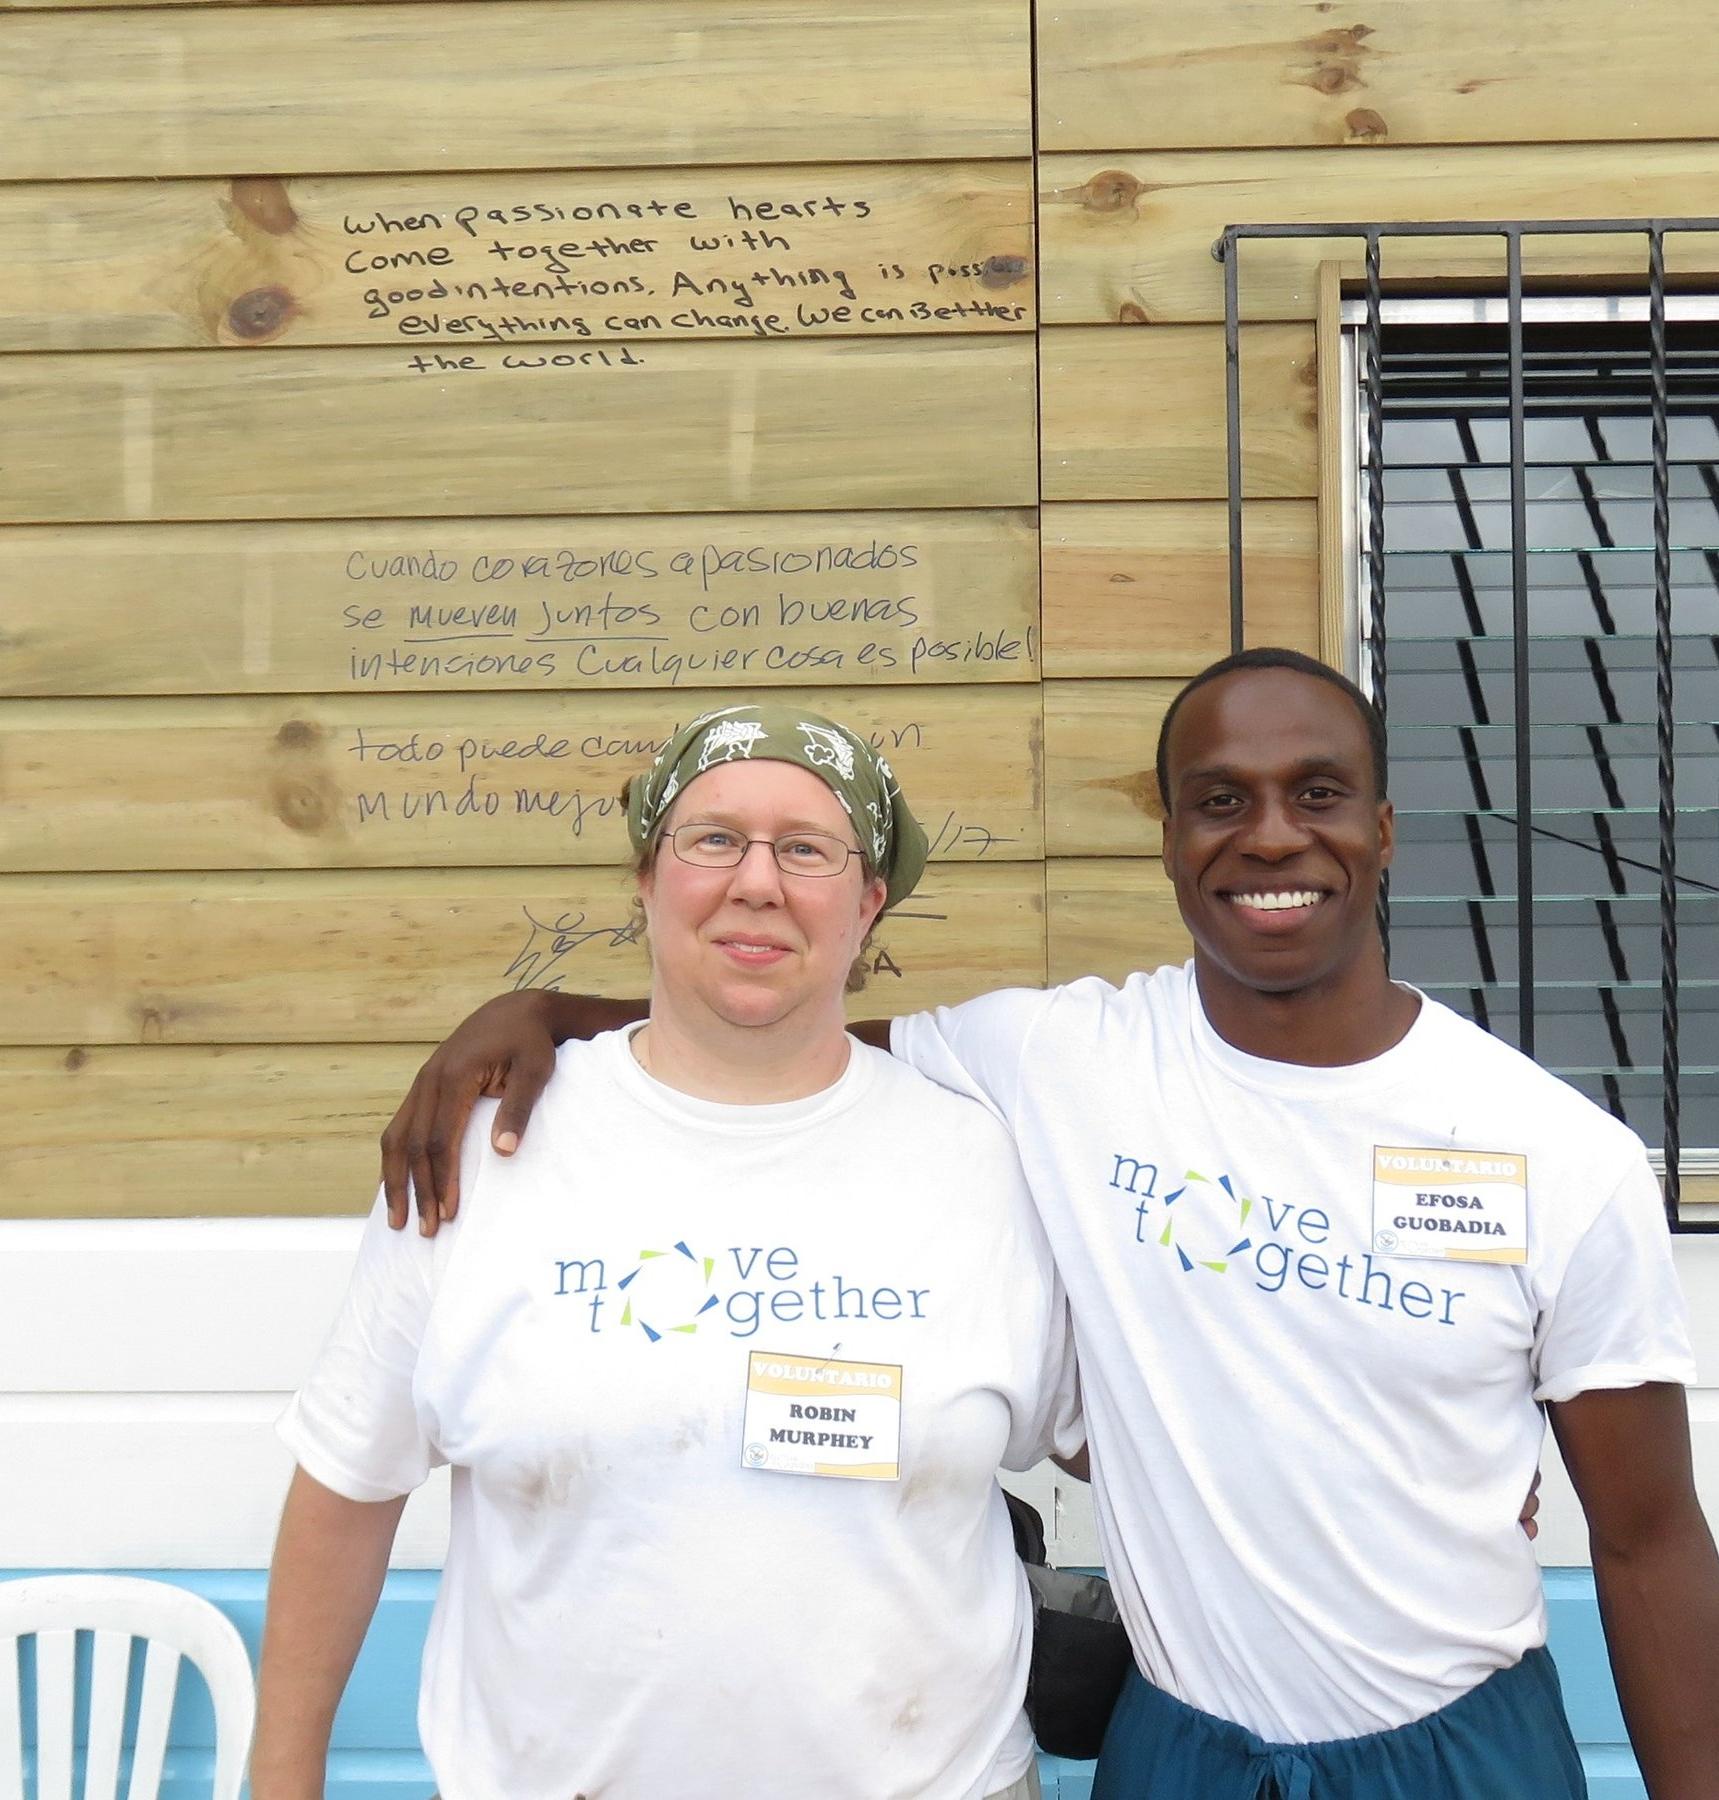 Robin and Efosa outside the brand new PT Clinic in Villa Nueva,Guatemala